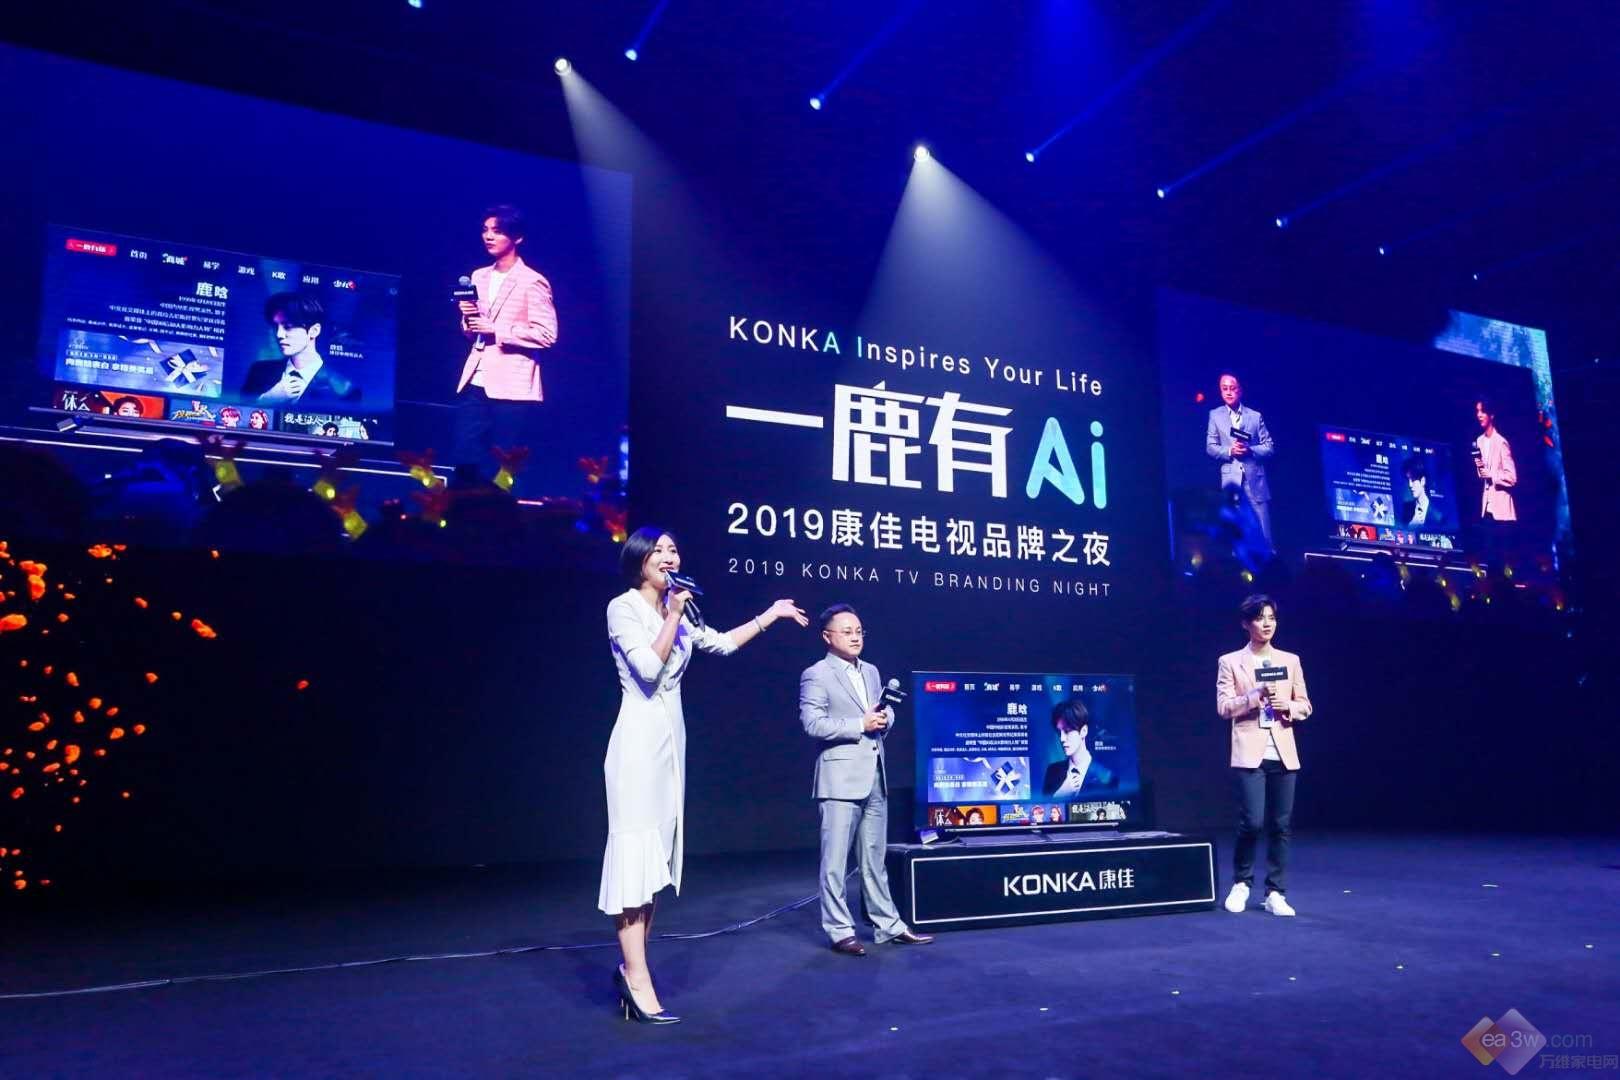 除了签约鹿晗,康佳电视2019还释放了三大信号